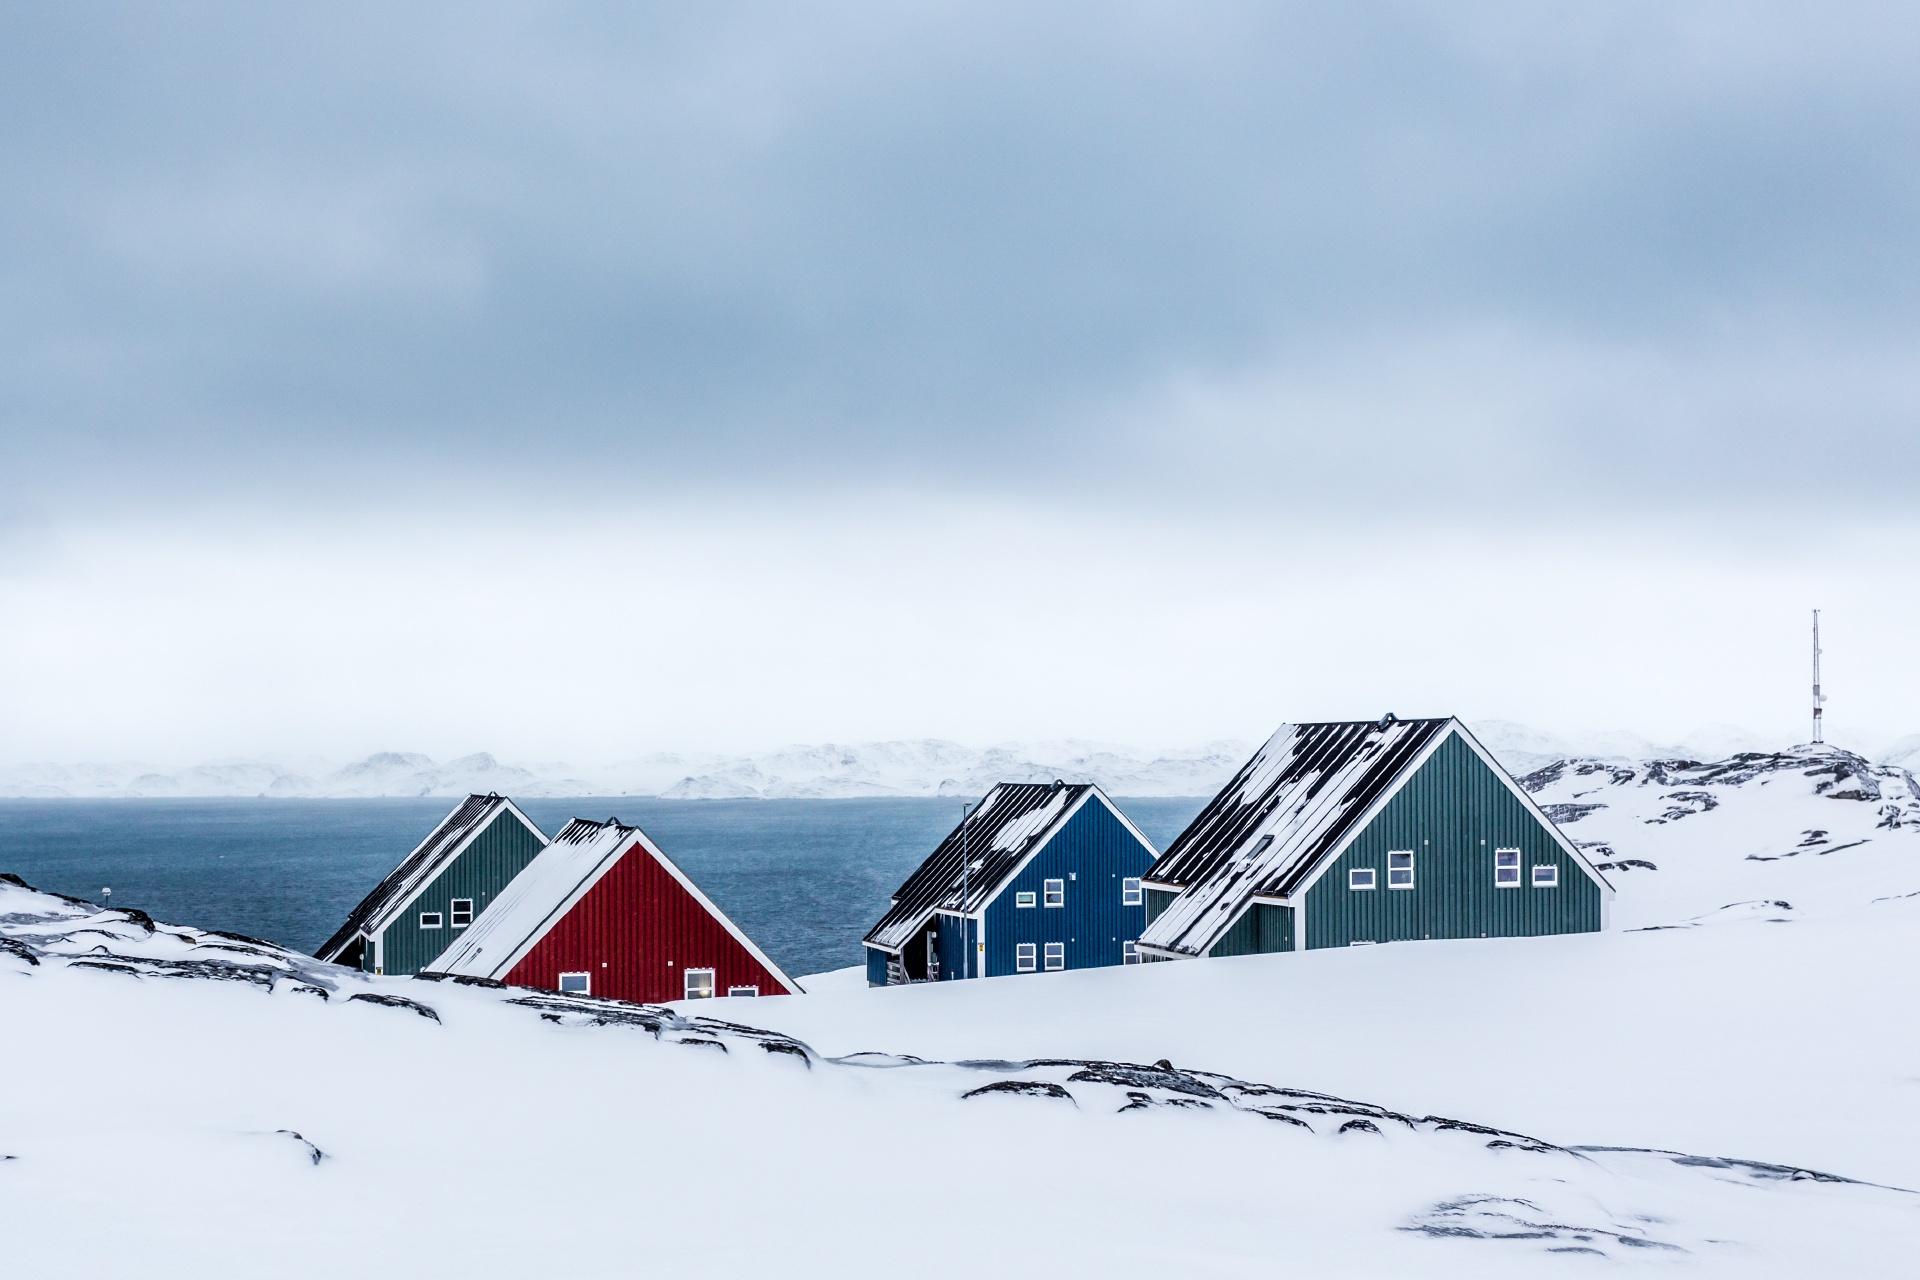 北極圏の町ヌークの風景 グリーンランドの風景